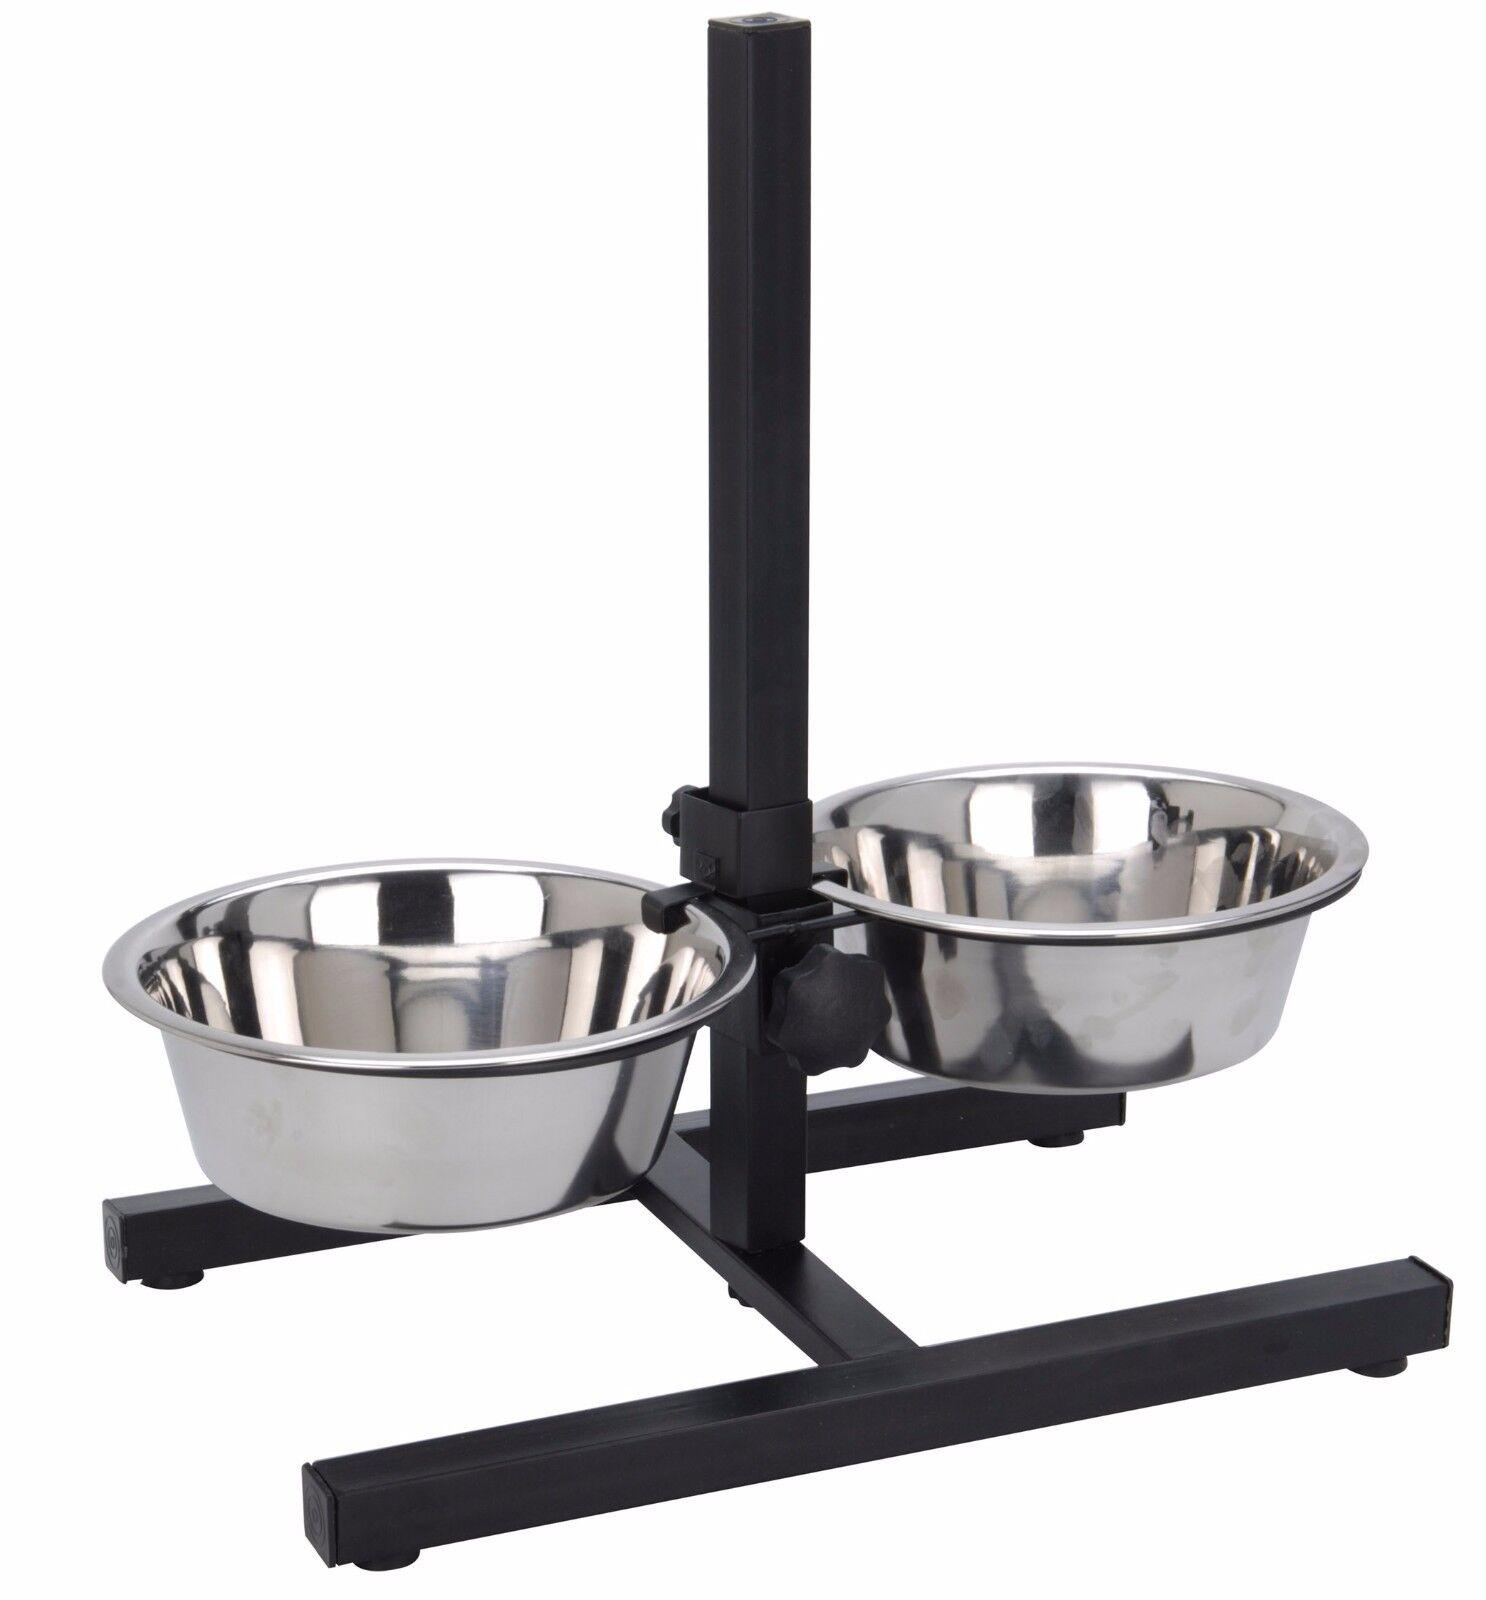 Futterbar Metall Napfständer mit Napf Hunde Futternapf Fressnapf Napfständer